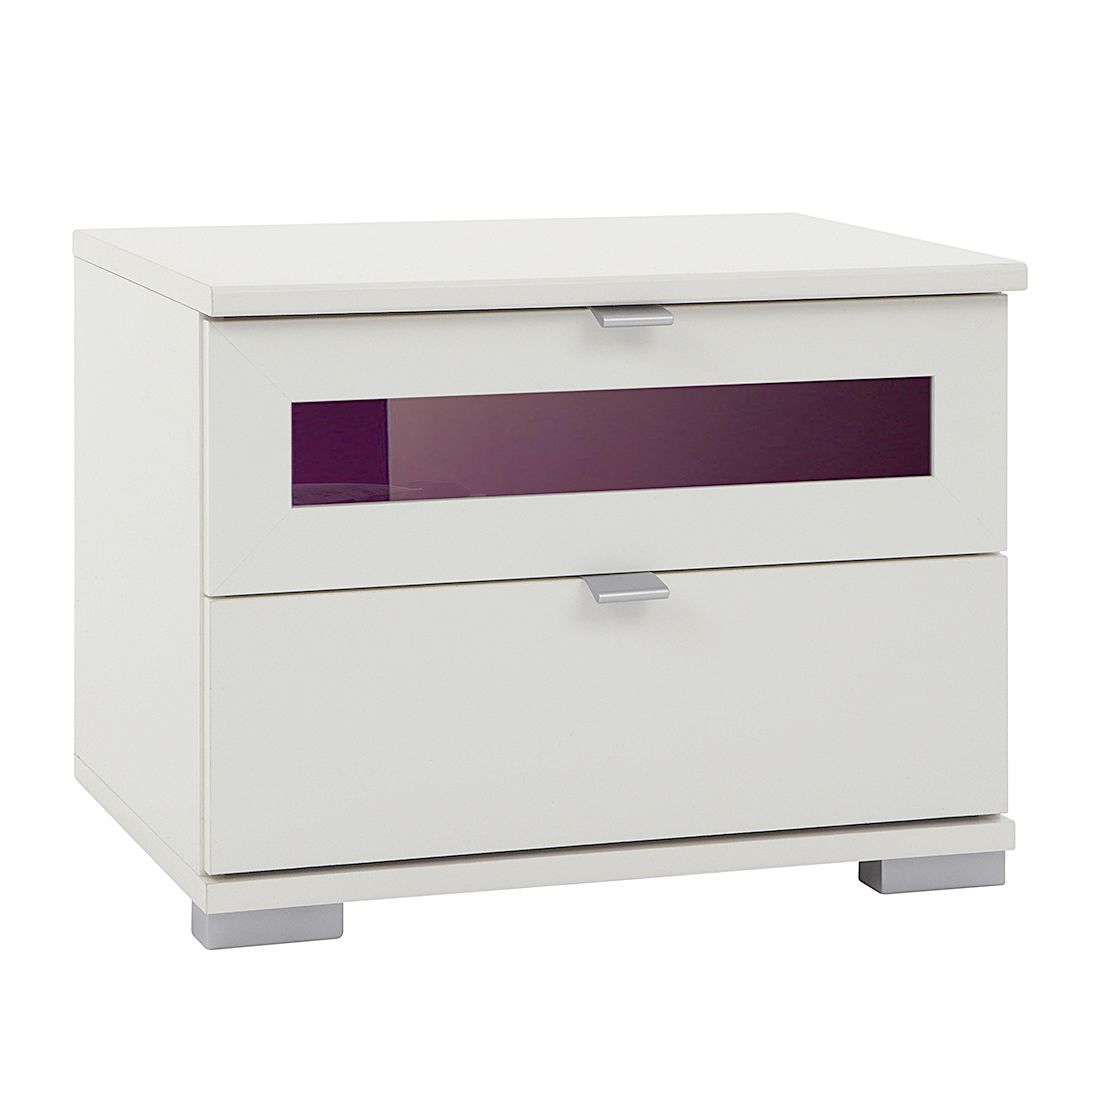 Nachtschrank Box Plus I – Alpinweiß/Brombeer – 2 Nachtschrank, Wimex günstig online kaufen